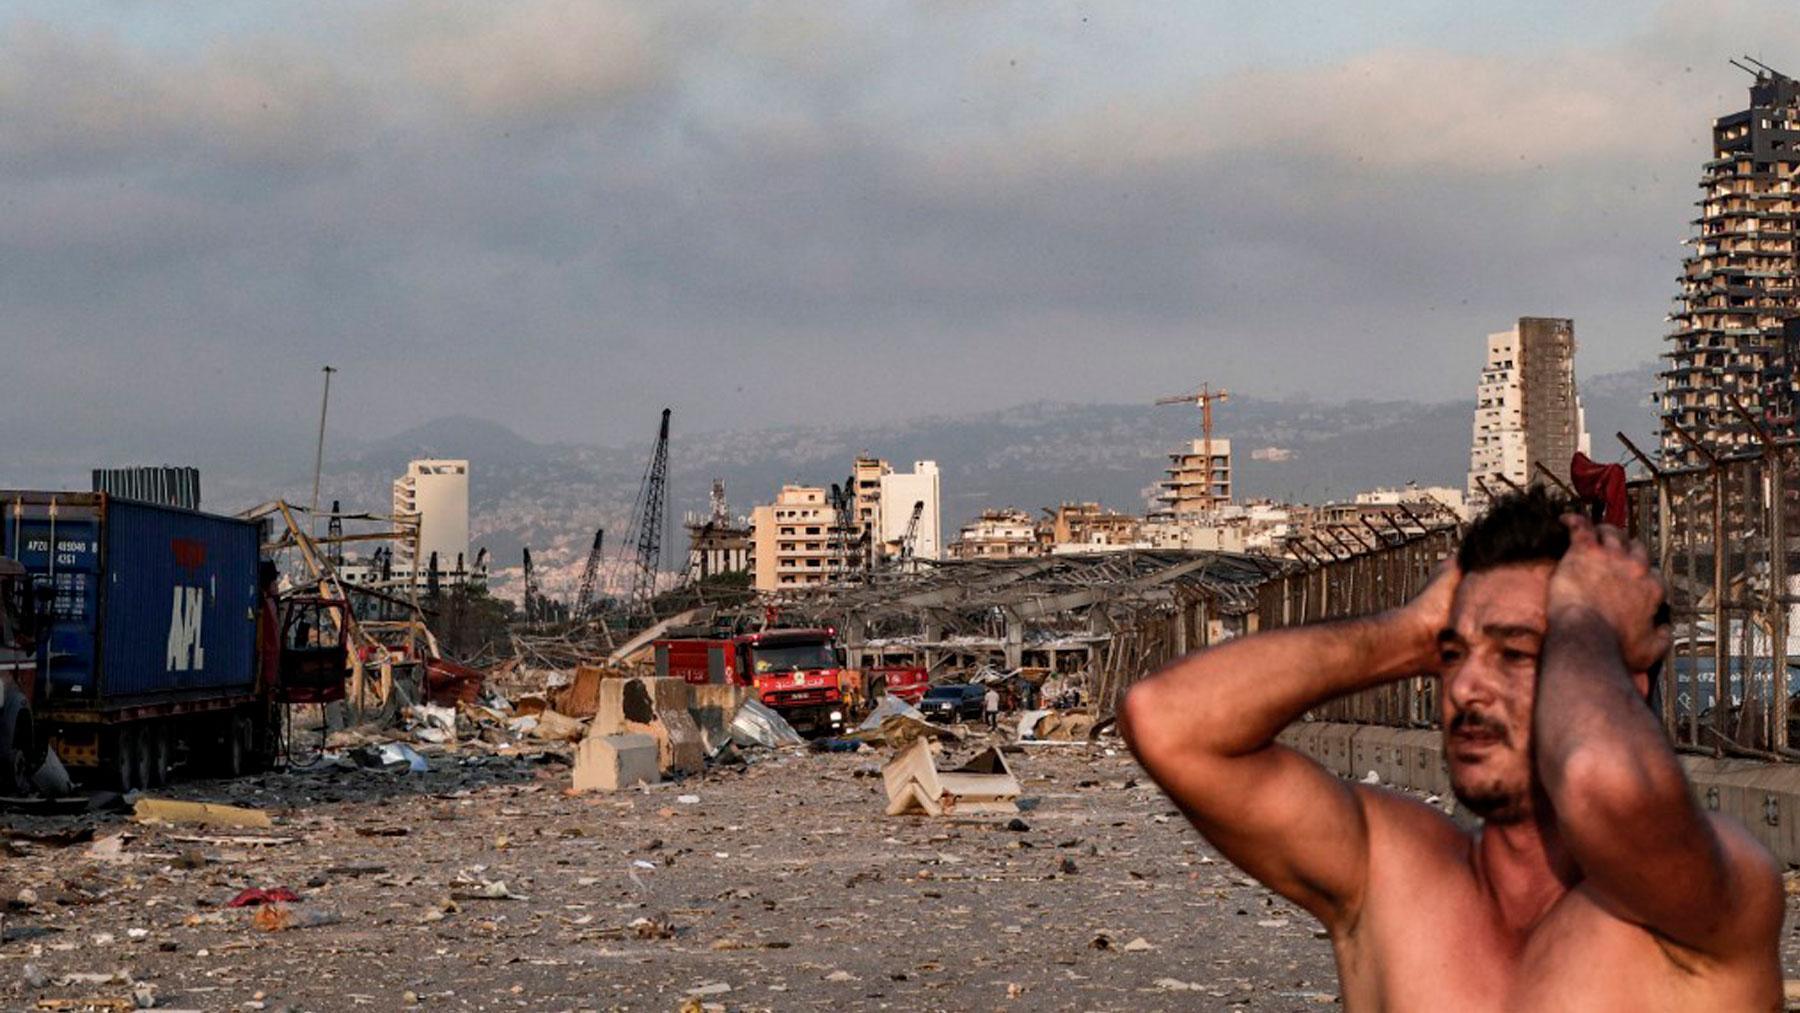 Un hombre se lleva las manos a la cabeza ante la devastación provocada por la explosión en el puerto de Beirut, Líbano. Foto: AFP